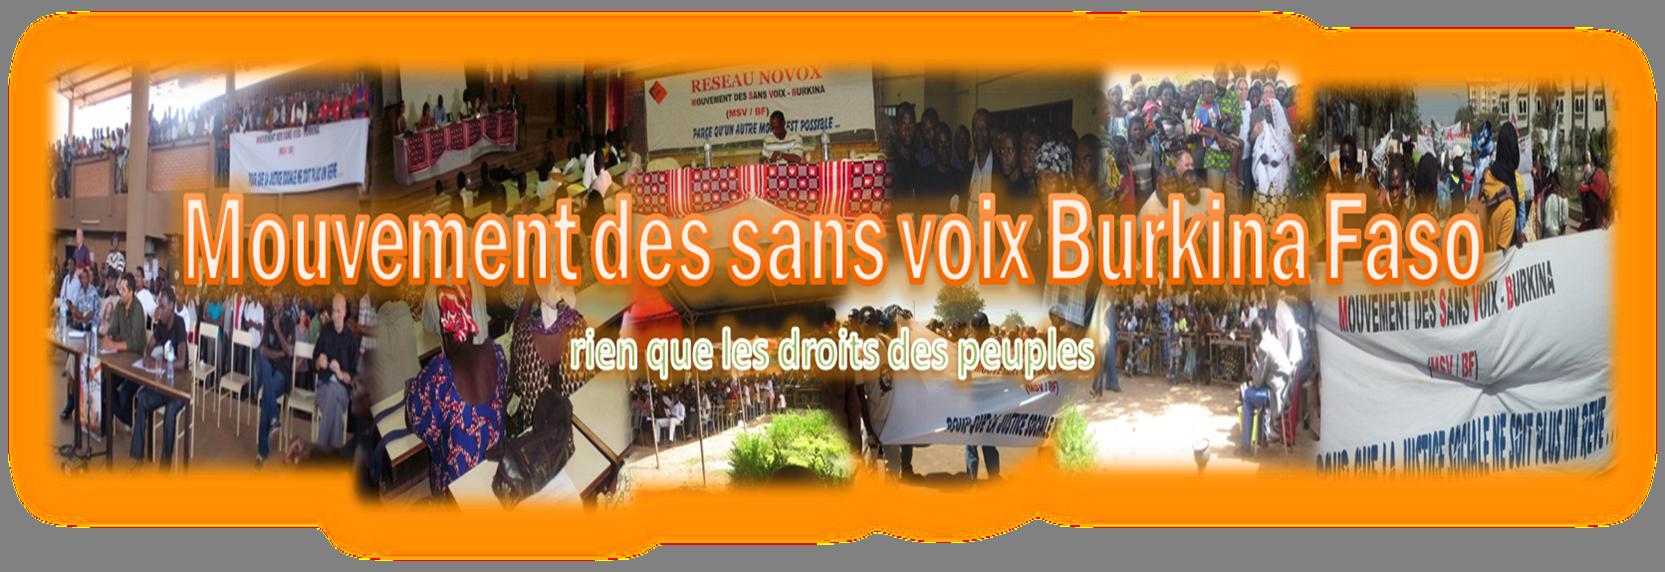 MOUVEMENT DES SANS VOIX BURKINA FASO